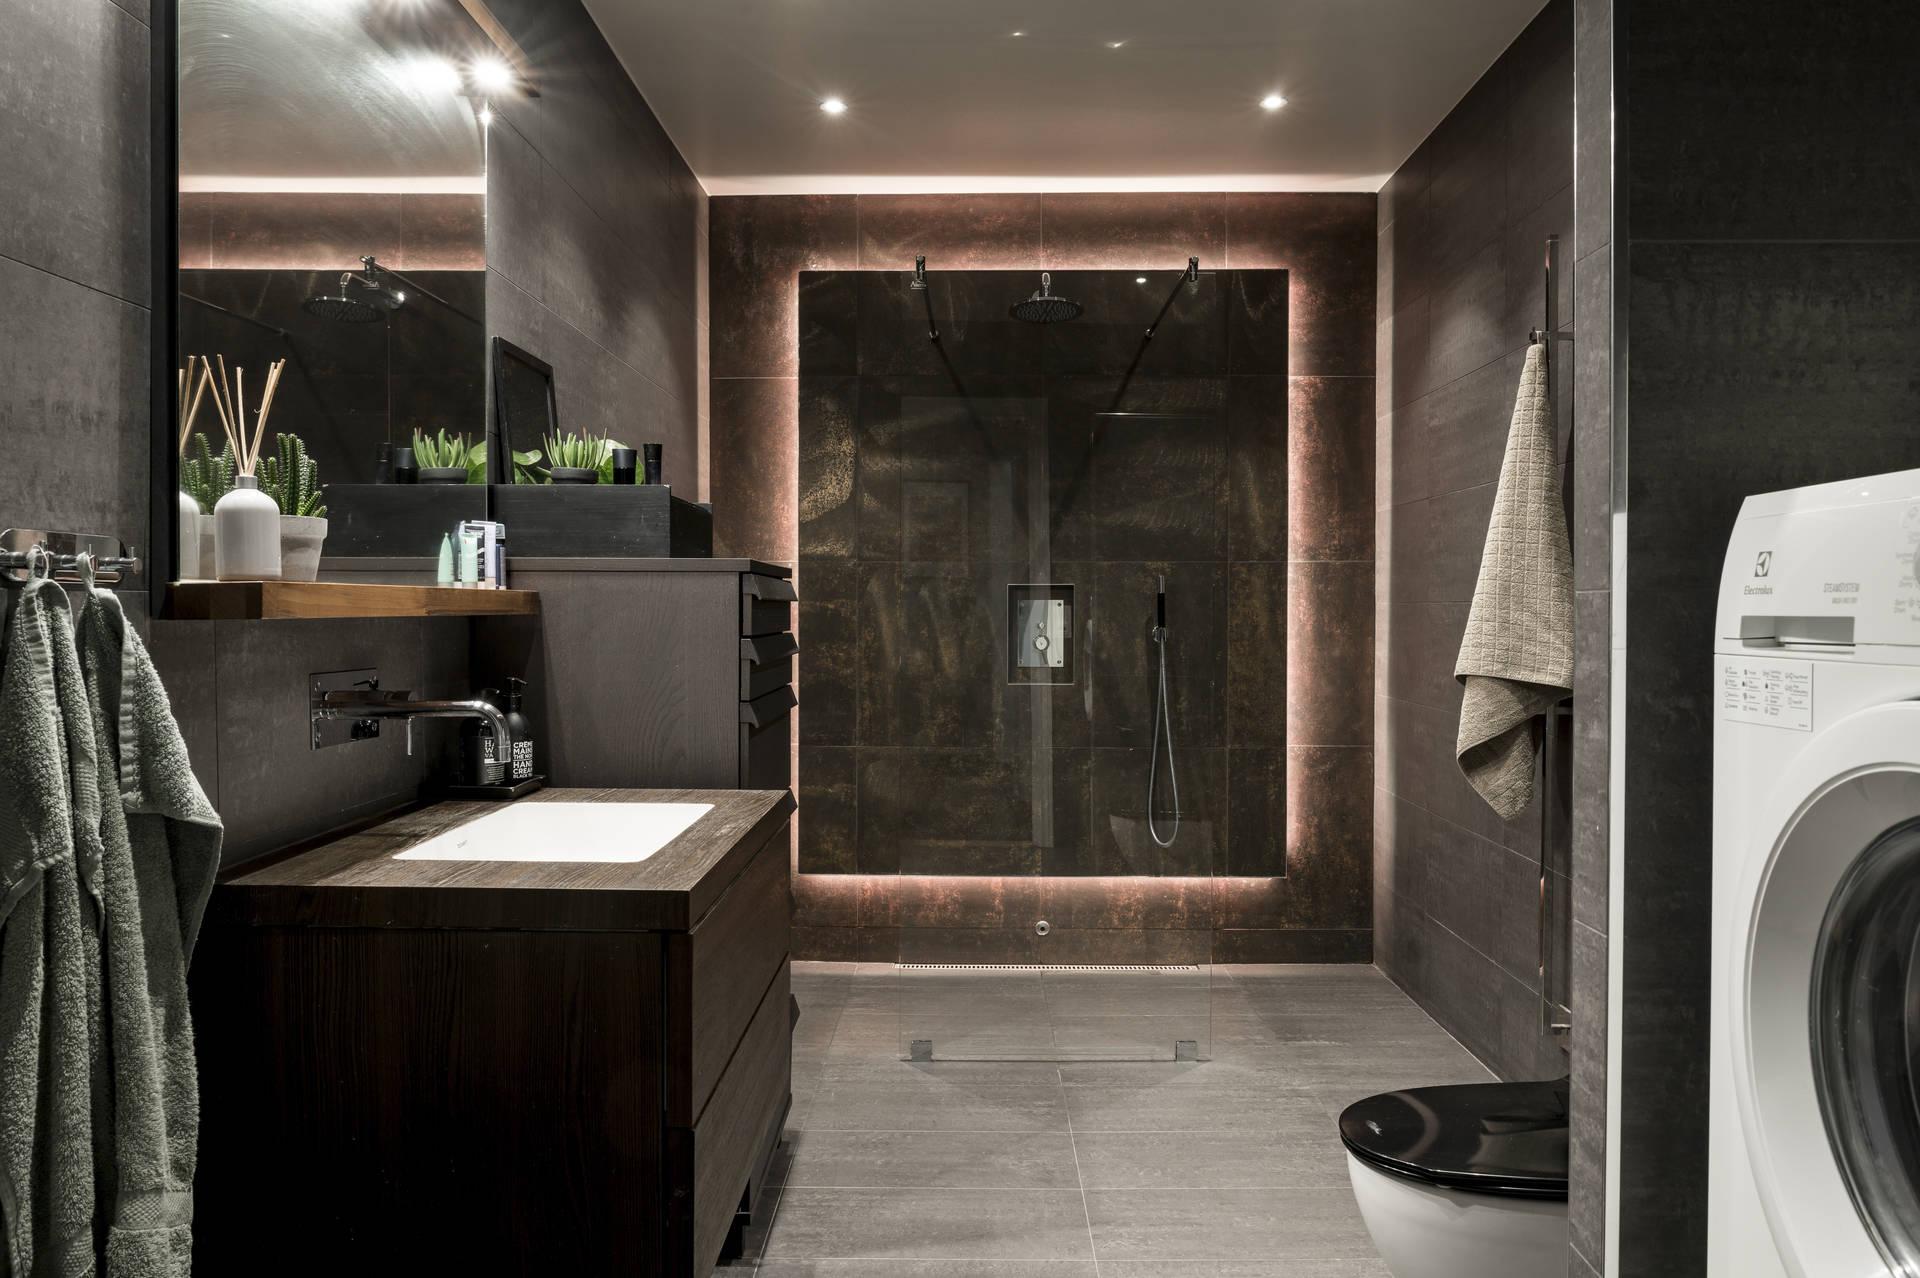 baie lemn